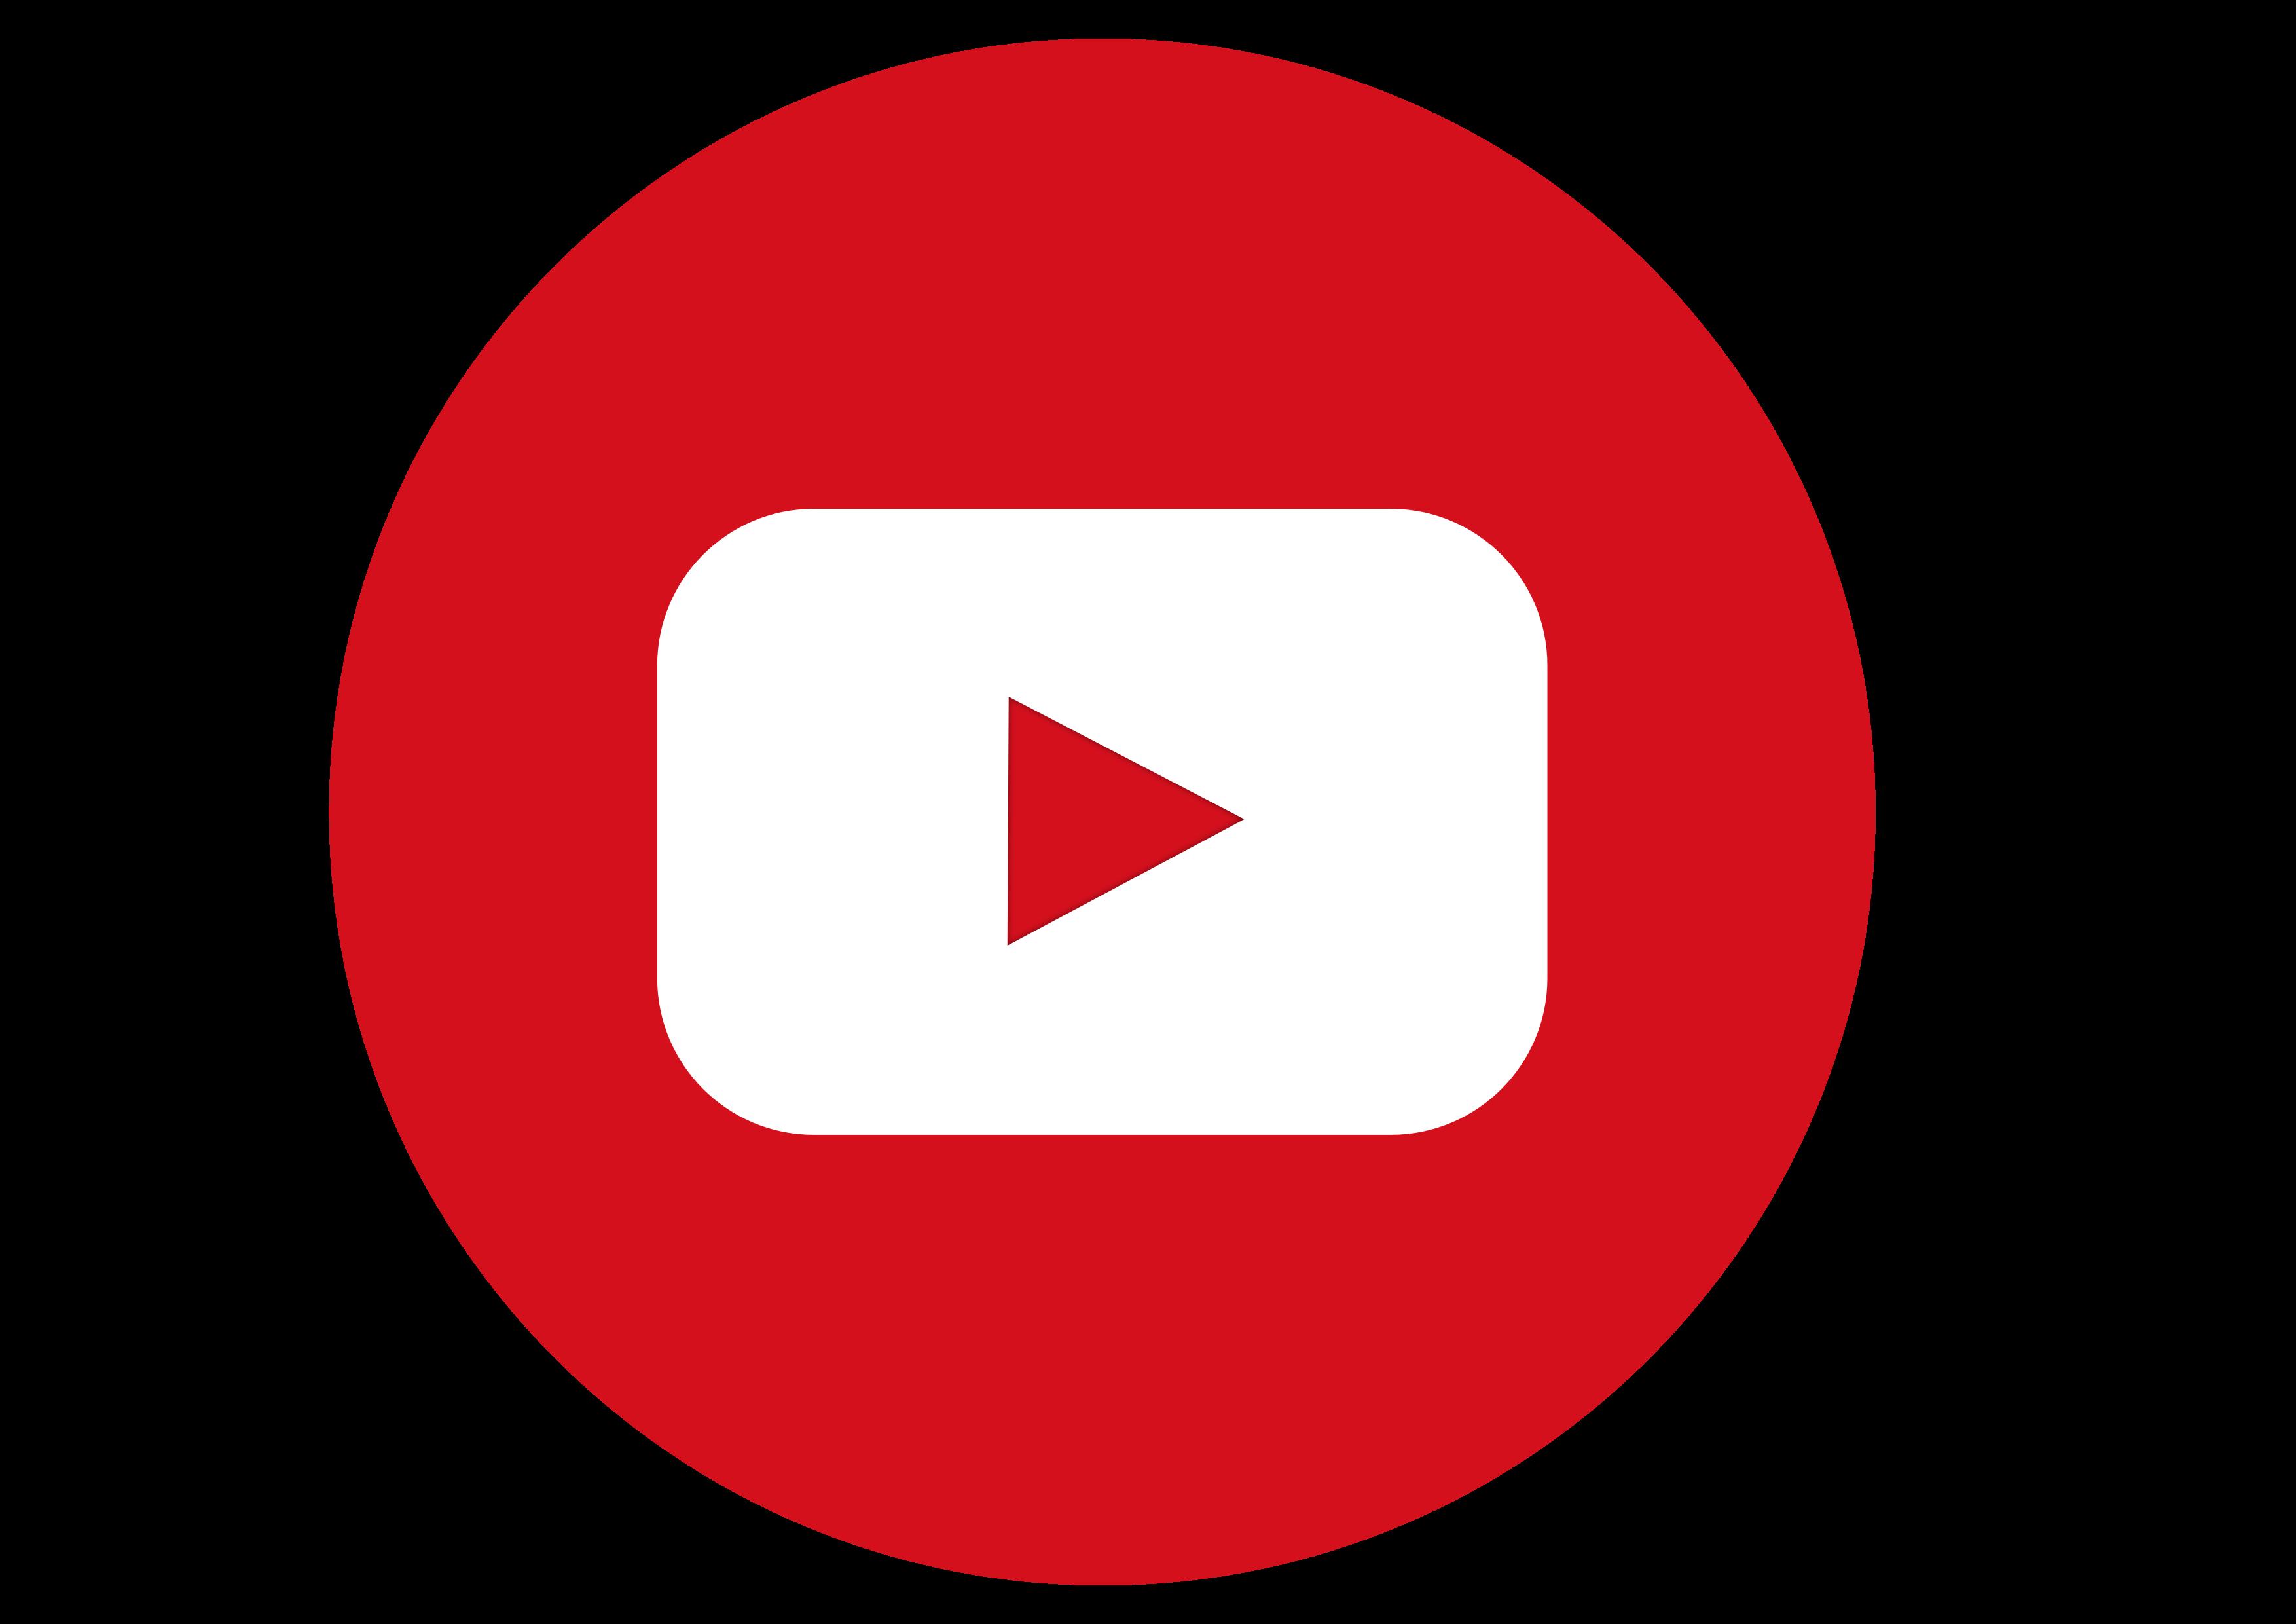 youtube logo icon transparent   Youtube logo, Youtube logo png, App logo